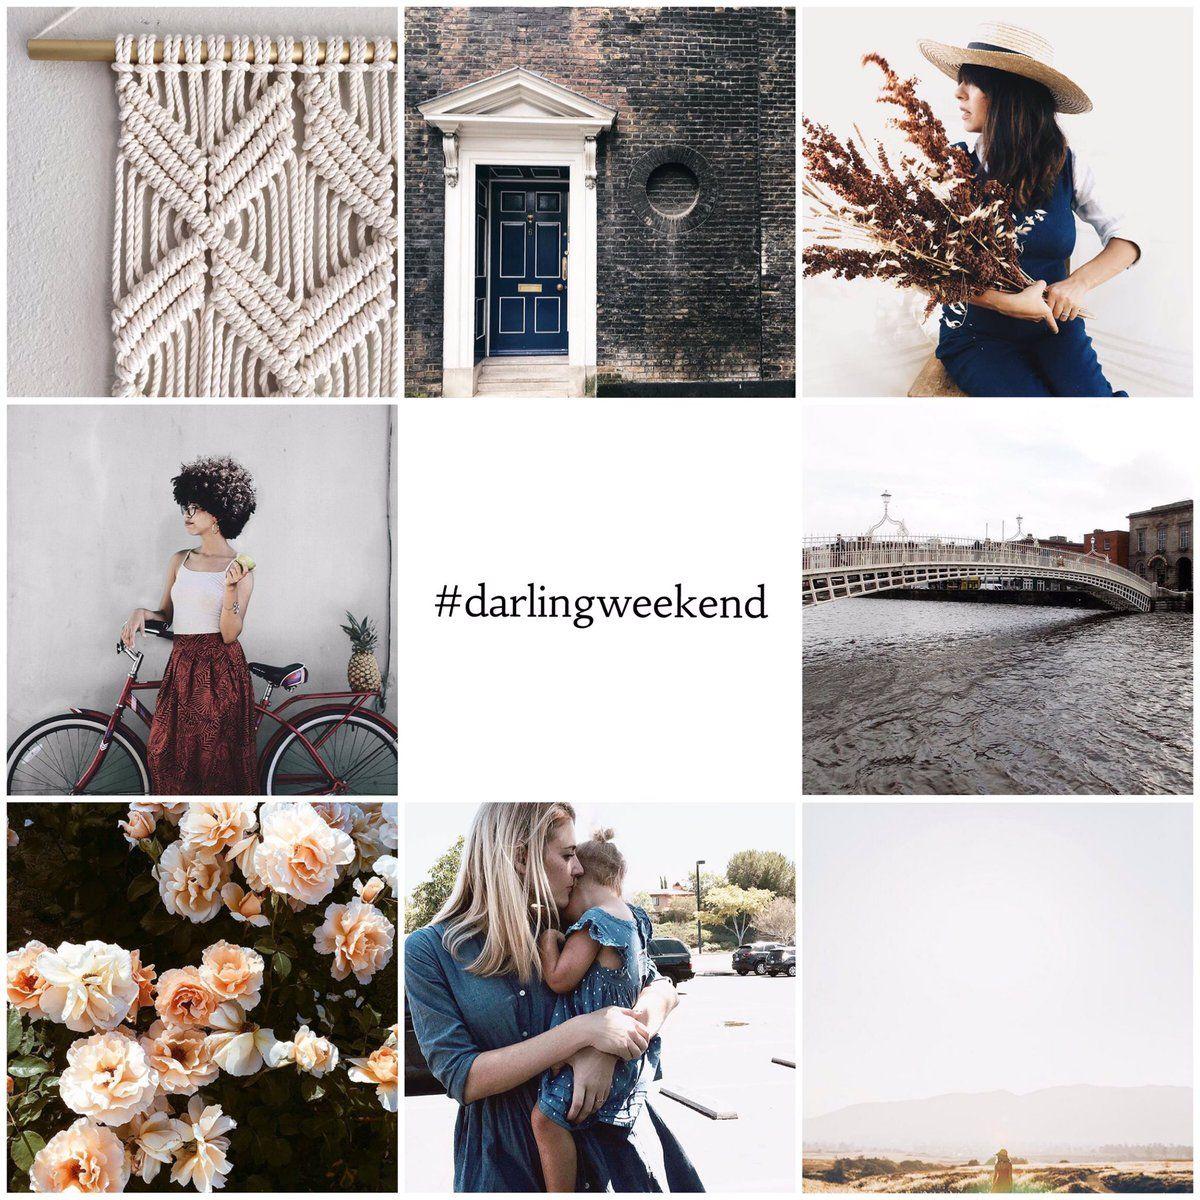 #darlingweekend